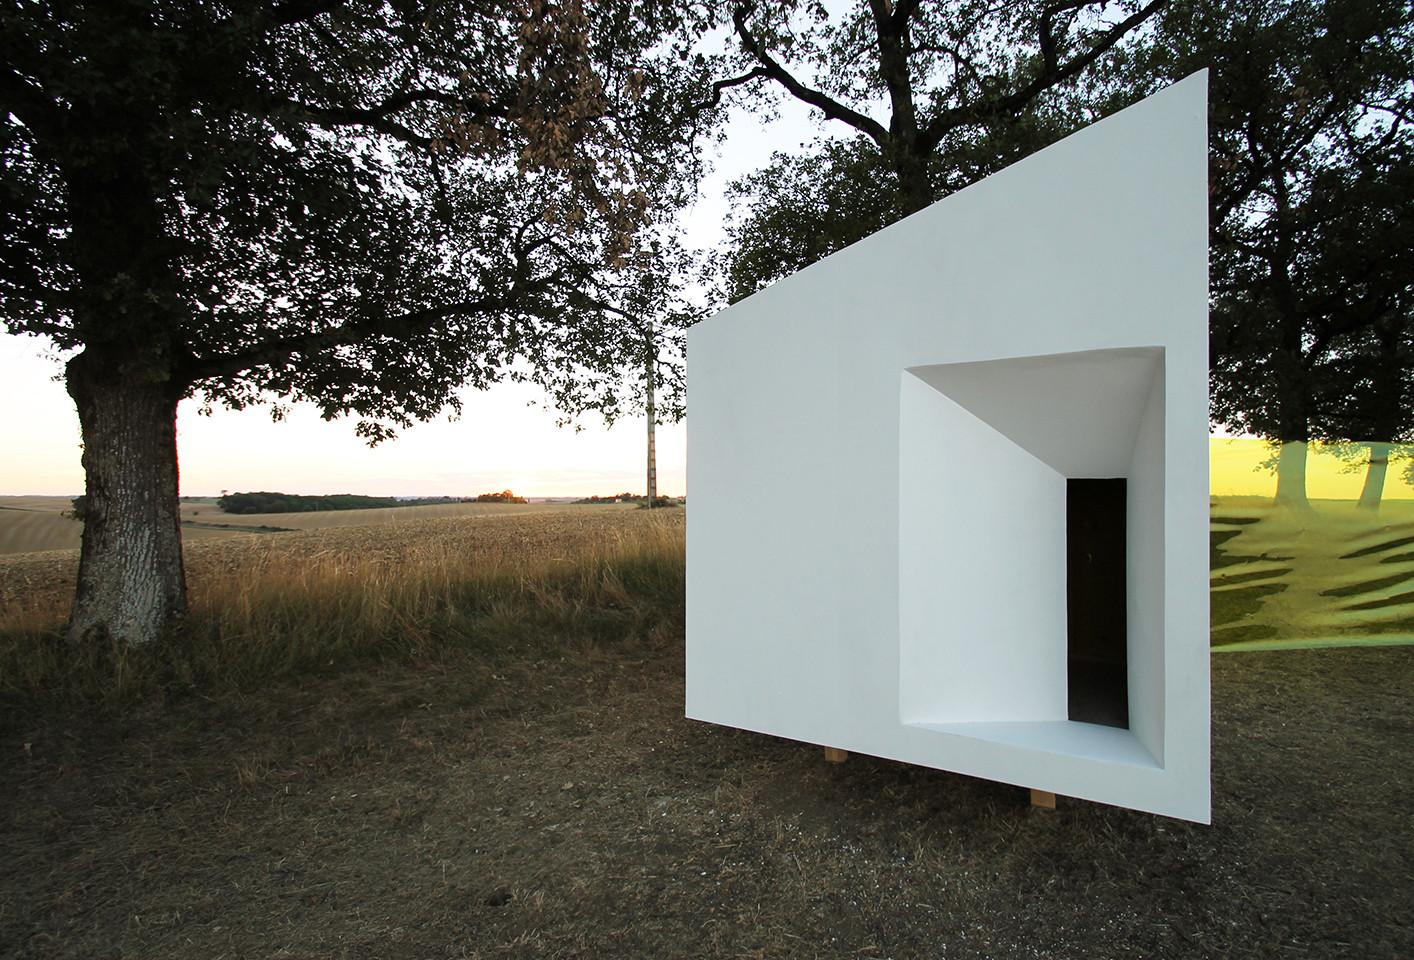 La Galería de Arte Móvil de Gillot+Givry: un espacio vacío para abrir la mente, © Gillot+Givry